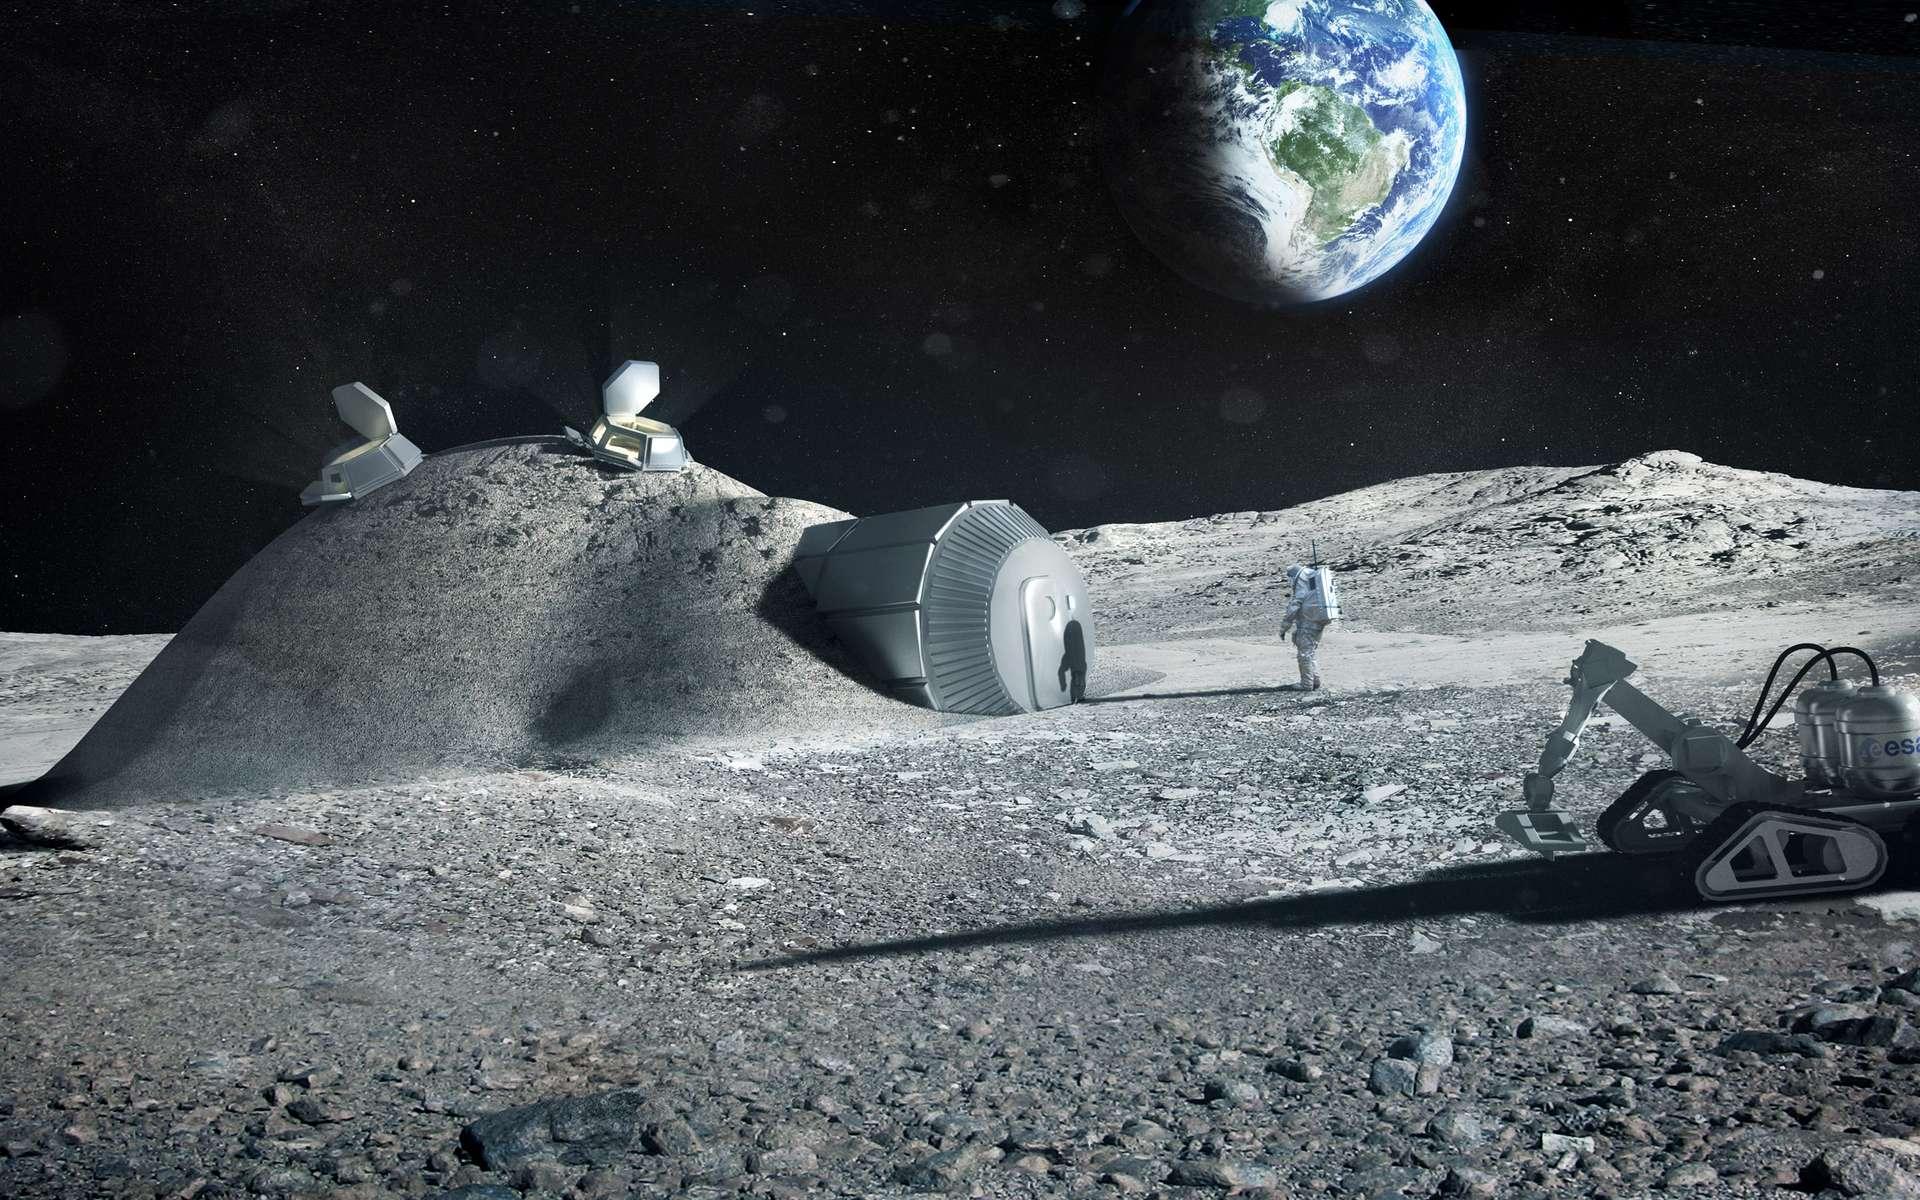 Projet de base lunaire conçue par impression 3D à partir des matériaux présents à la surface de la Lune. © ESA, Foster + Partners